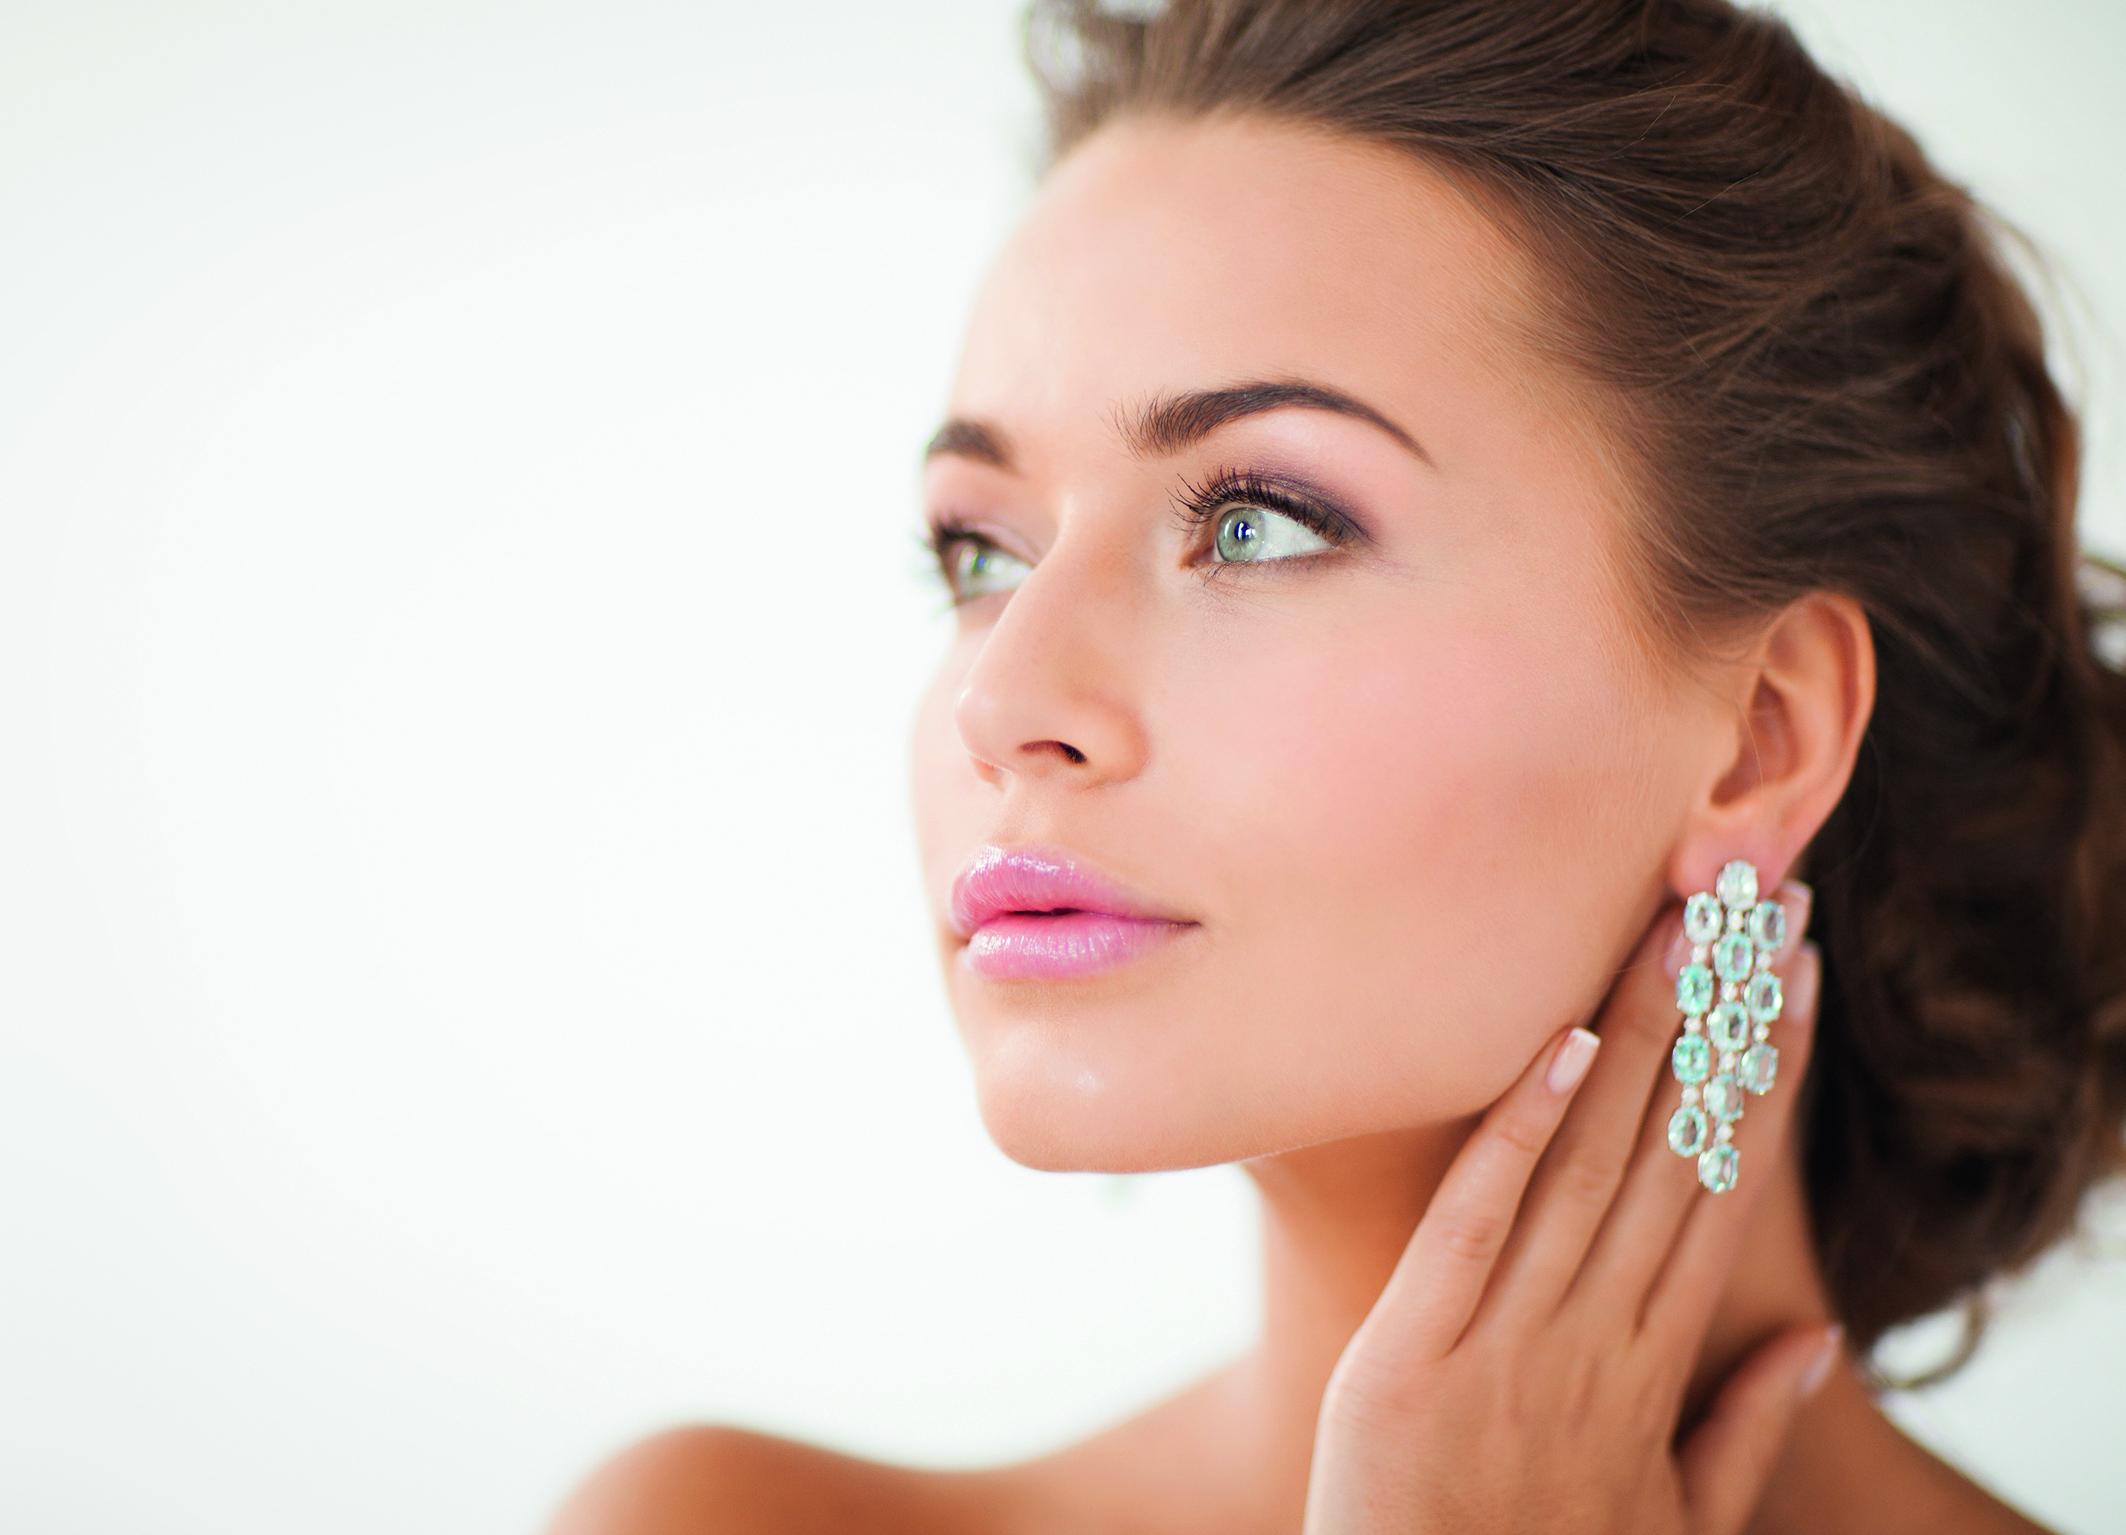 Eine Frau trägt auffälligen Ohrschmuck, ohne Schmerzen.